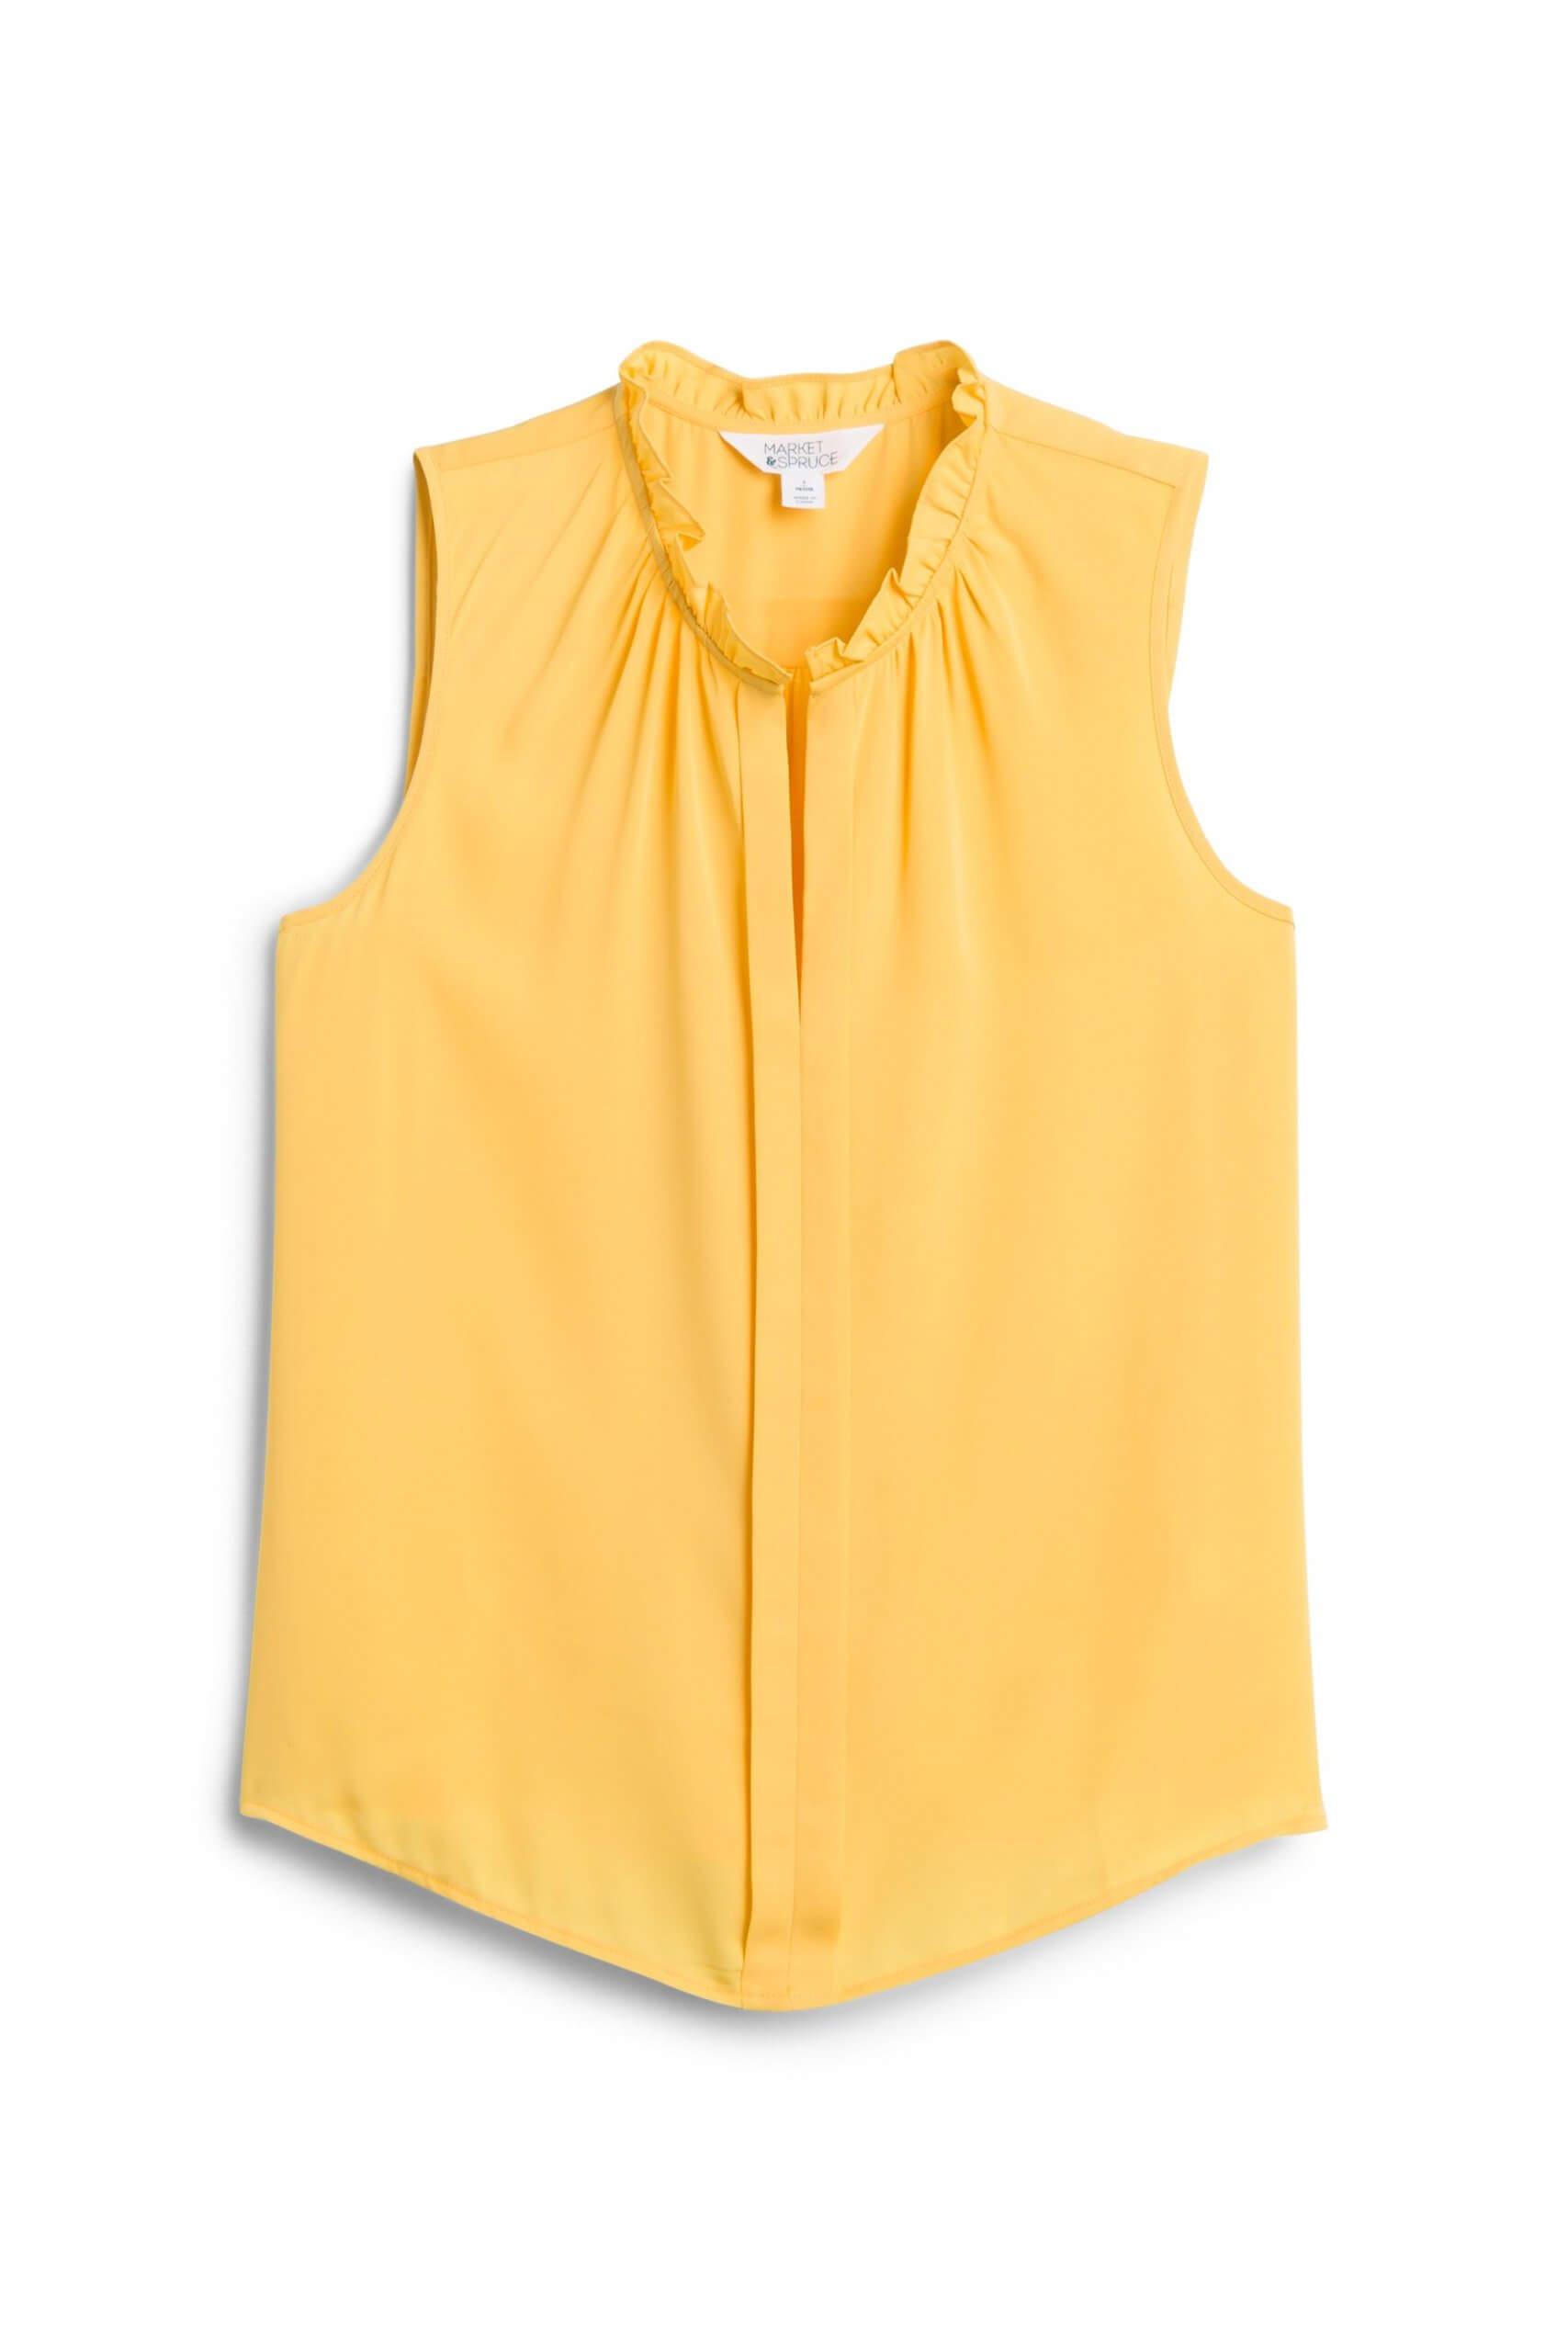 Stitch Fix Women's yellow sleeveless blouse.